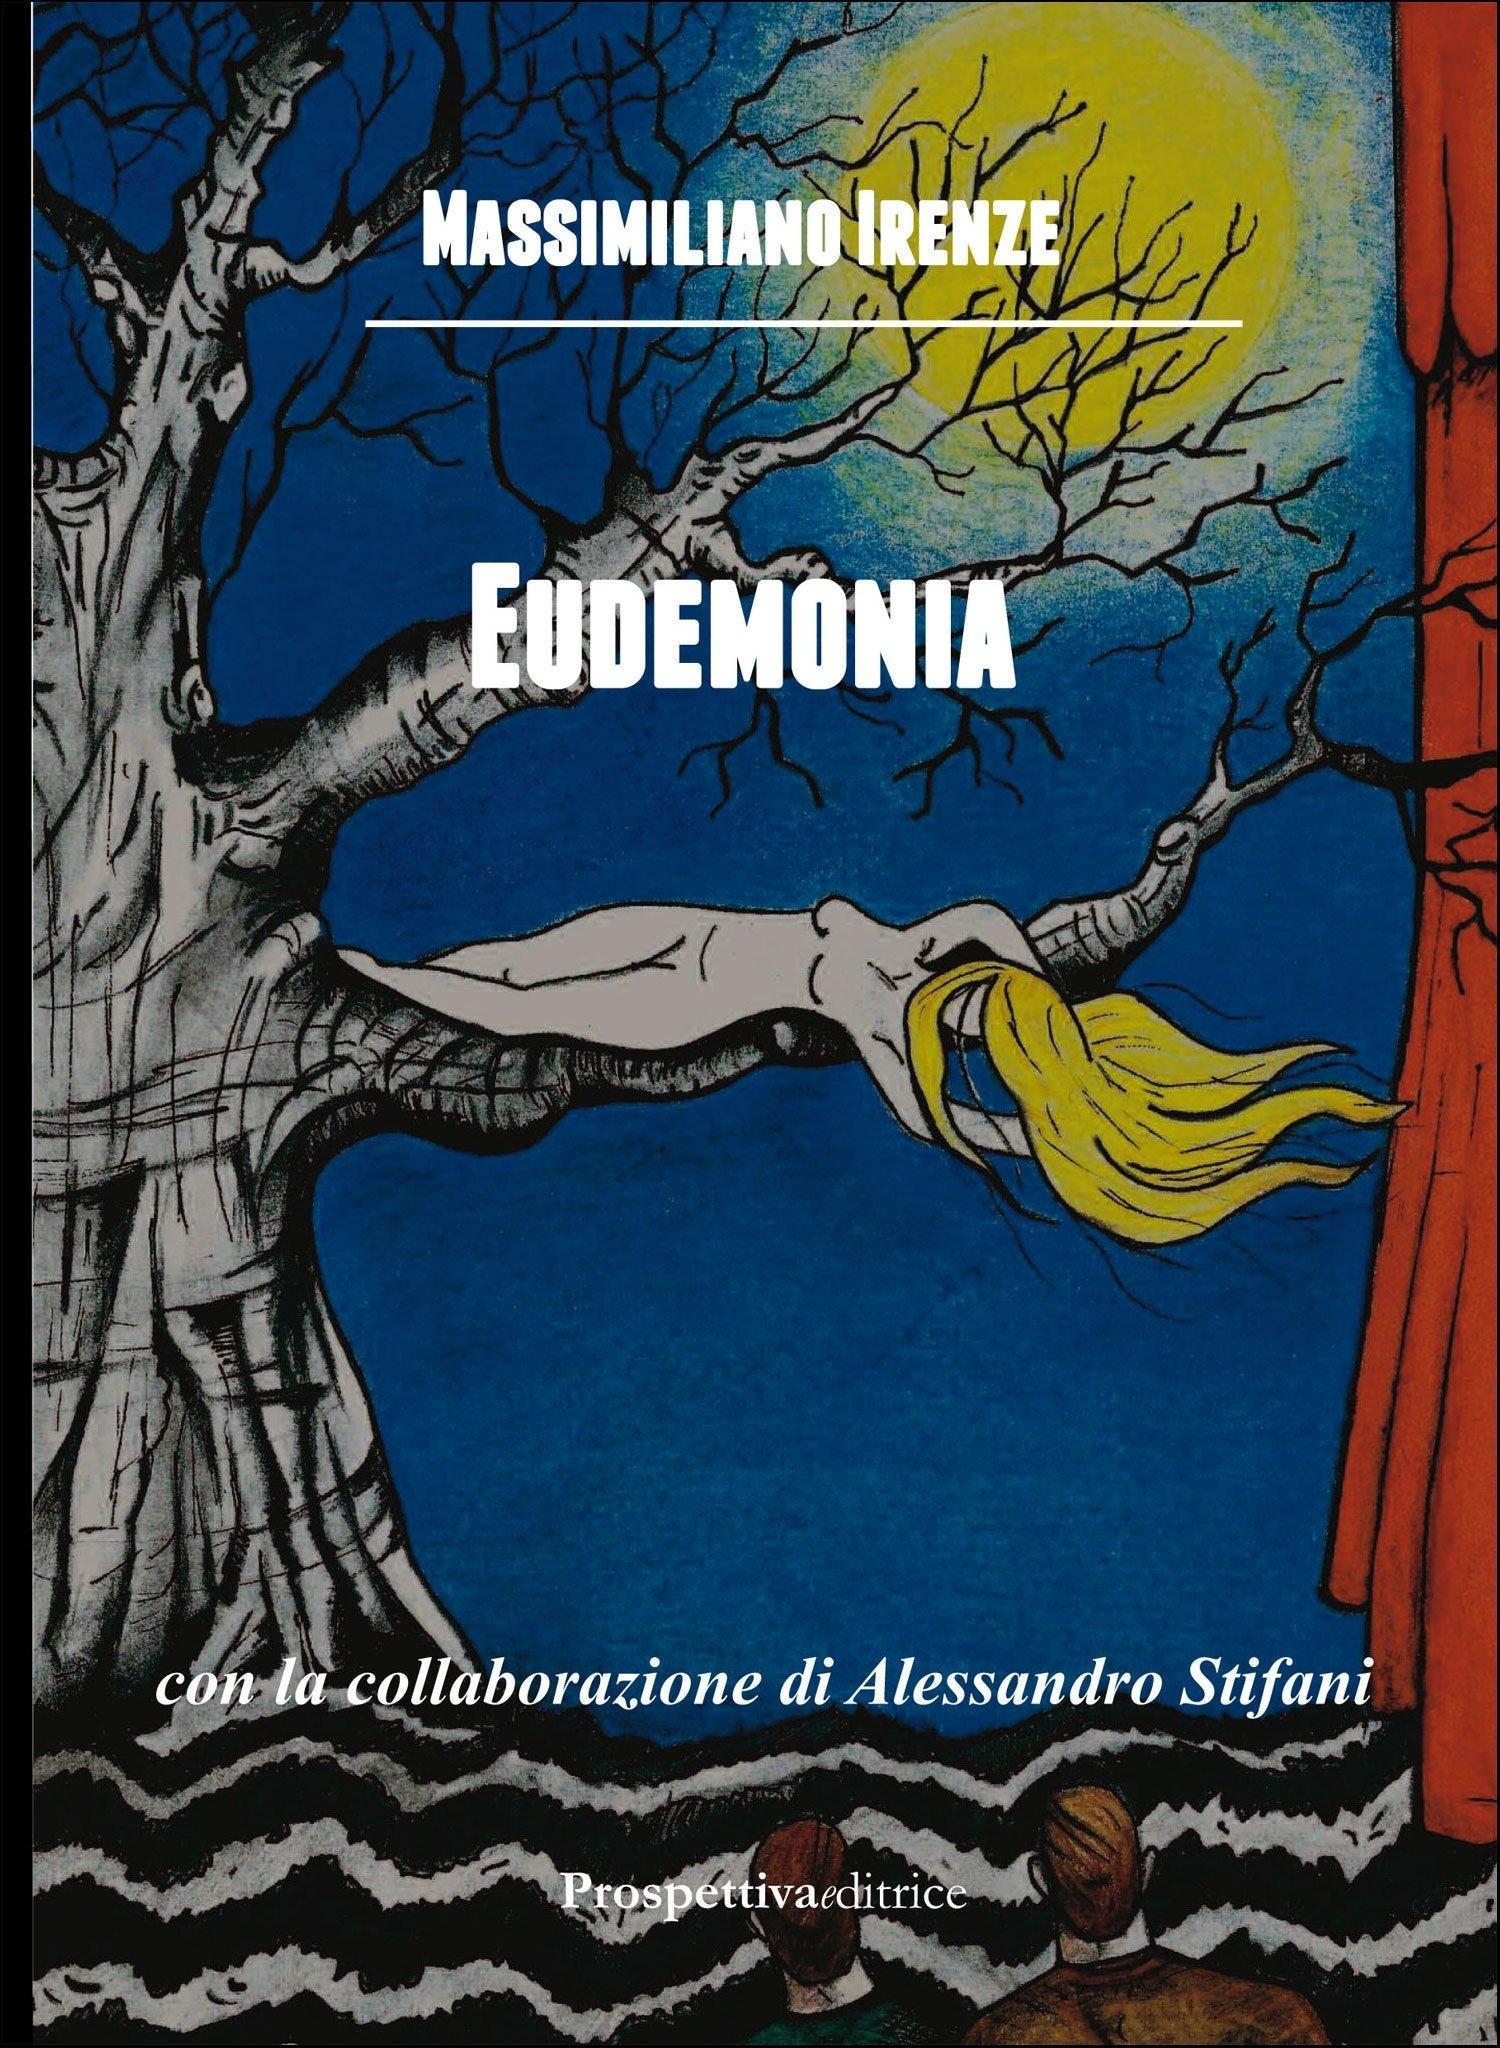 Eudemonia.